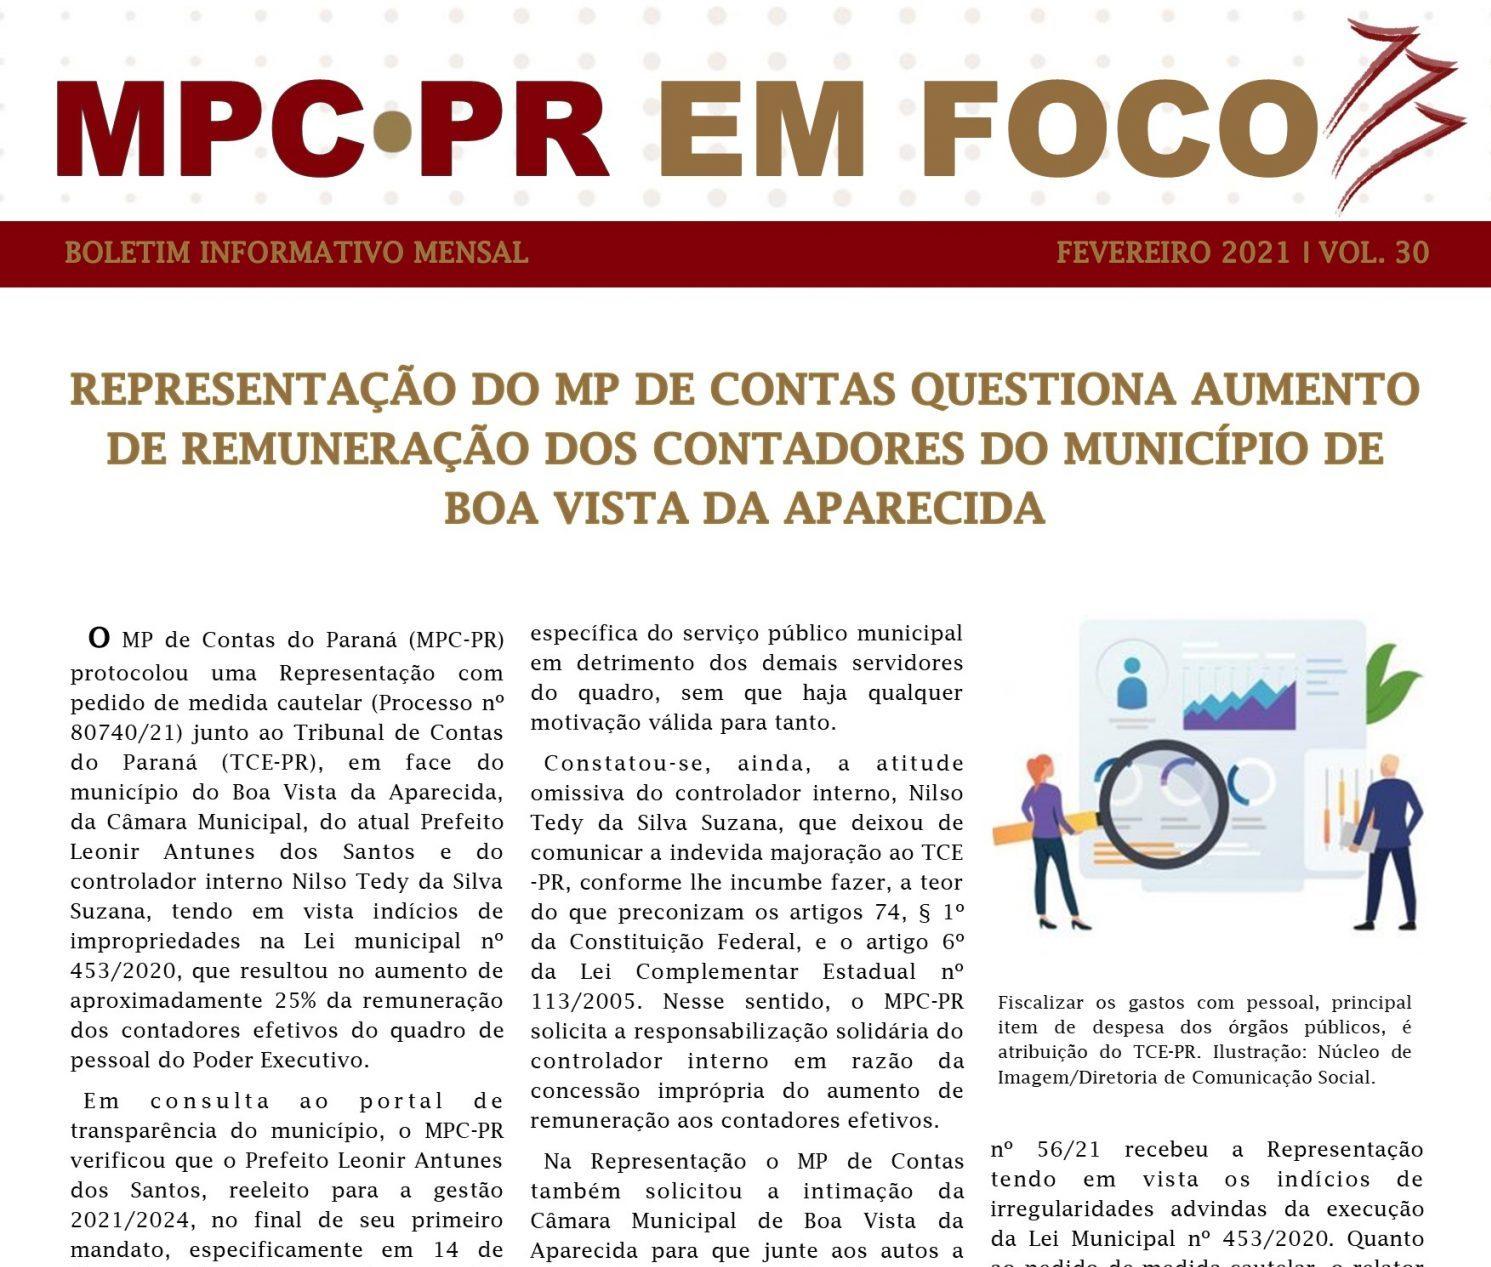 Boletim Informativo MPC-PR em Foco abril/2021